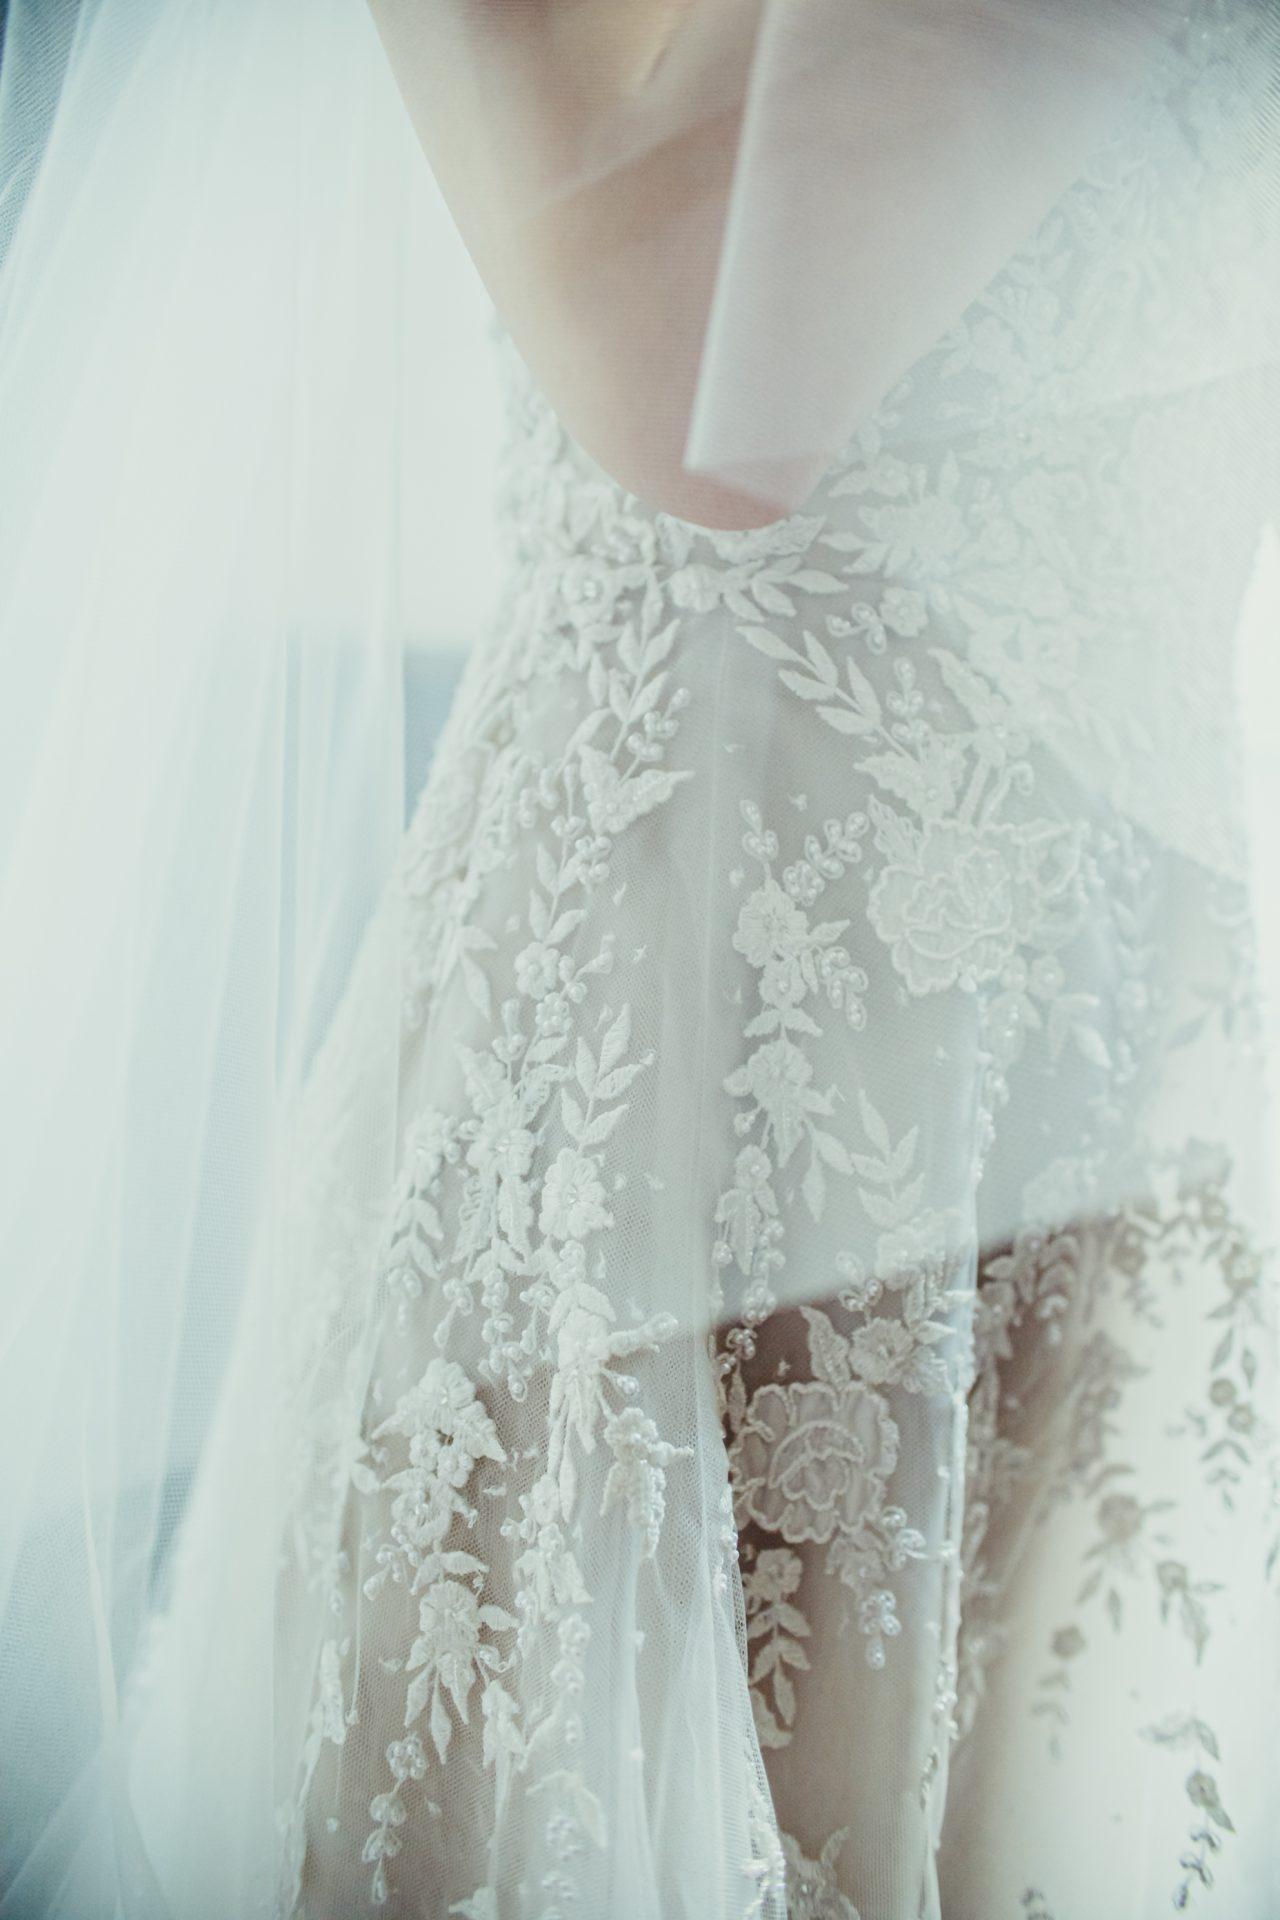 ニューヨークの人気ドレスブランド リーム・アクラのウェディングドレスは、職人の手作業で施されたインド刺繍が美しく結婚式には欠かせない華やかさがあり、日本中のおしゃれな花嫁から注目を浴びています